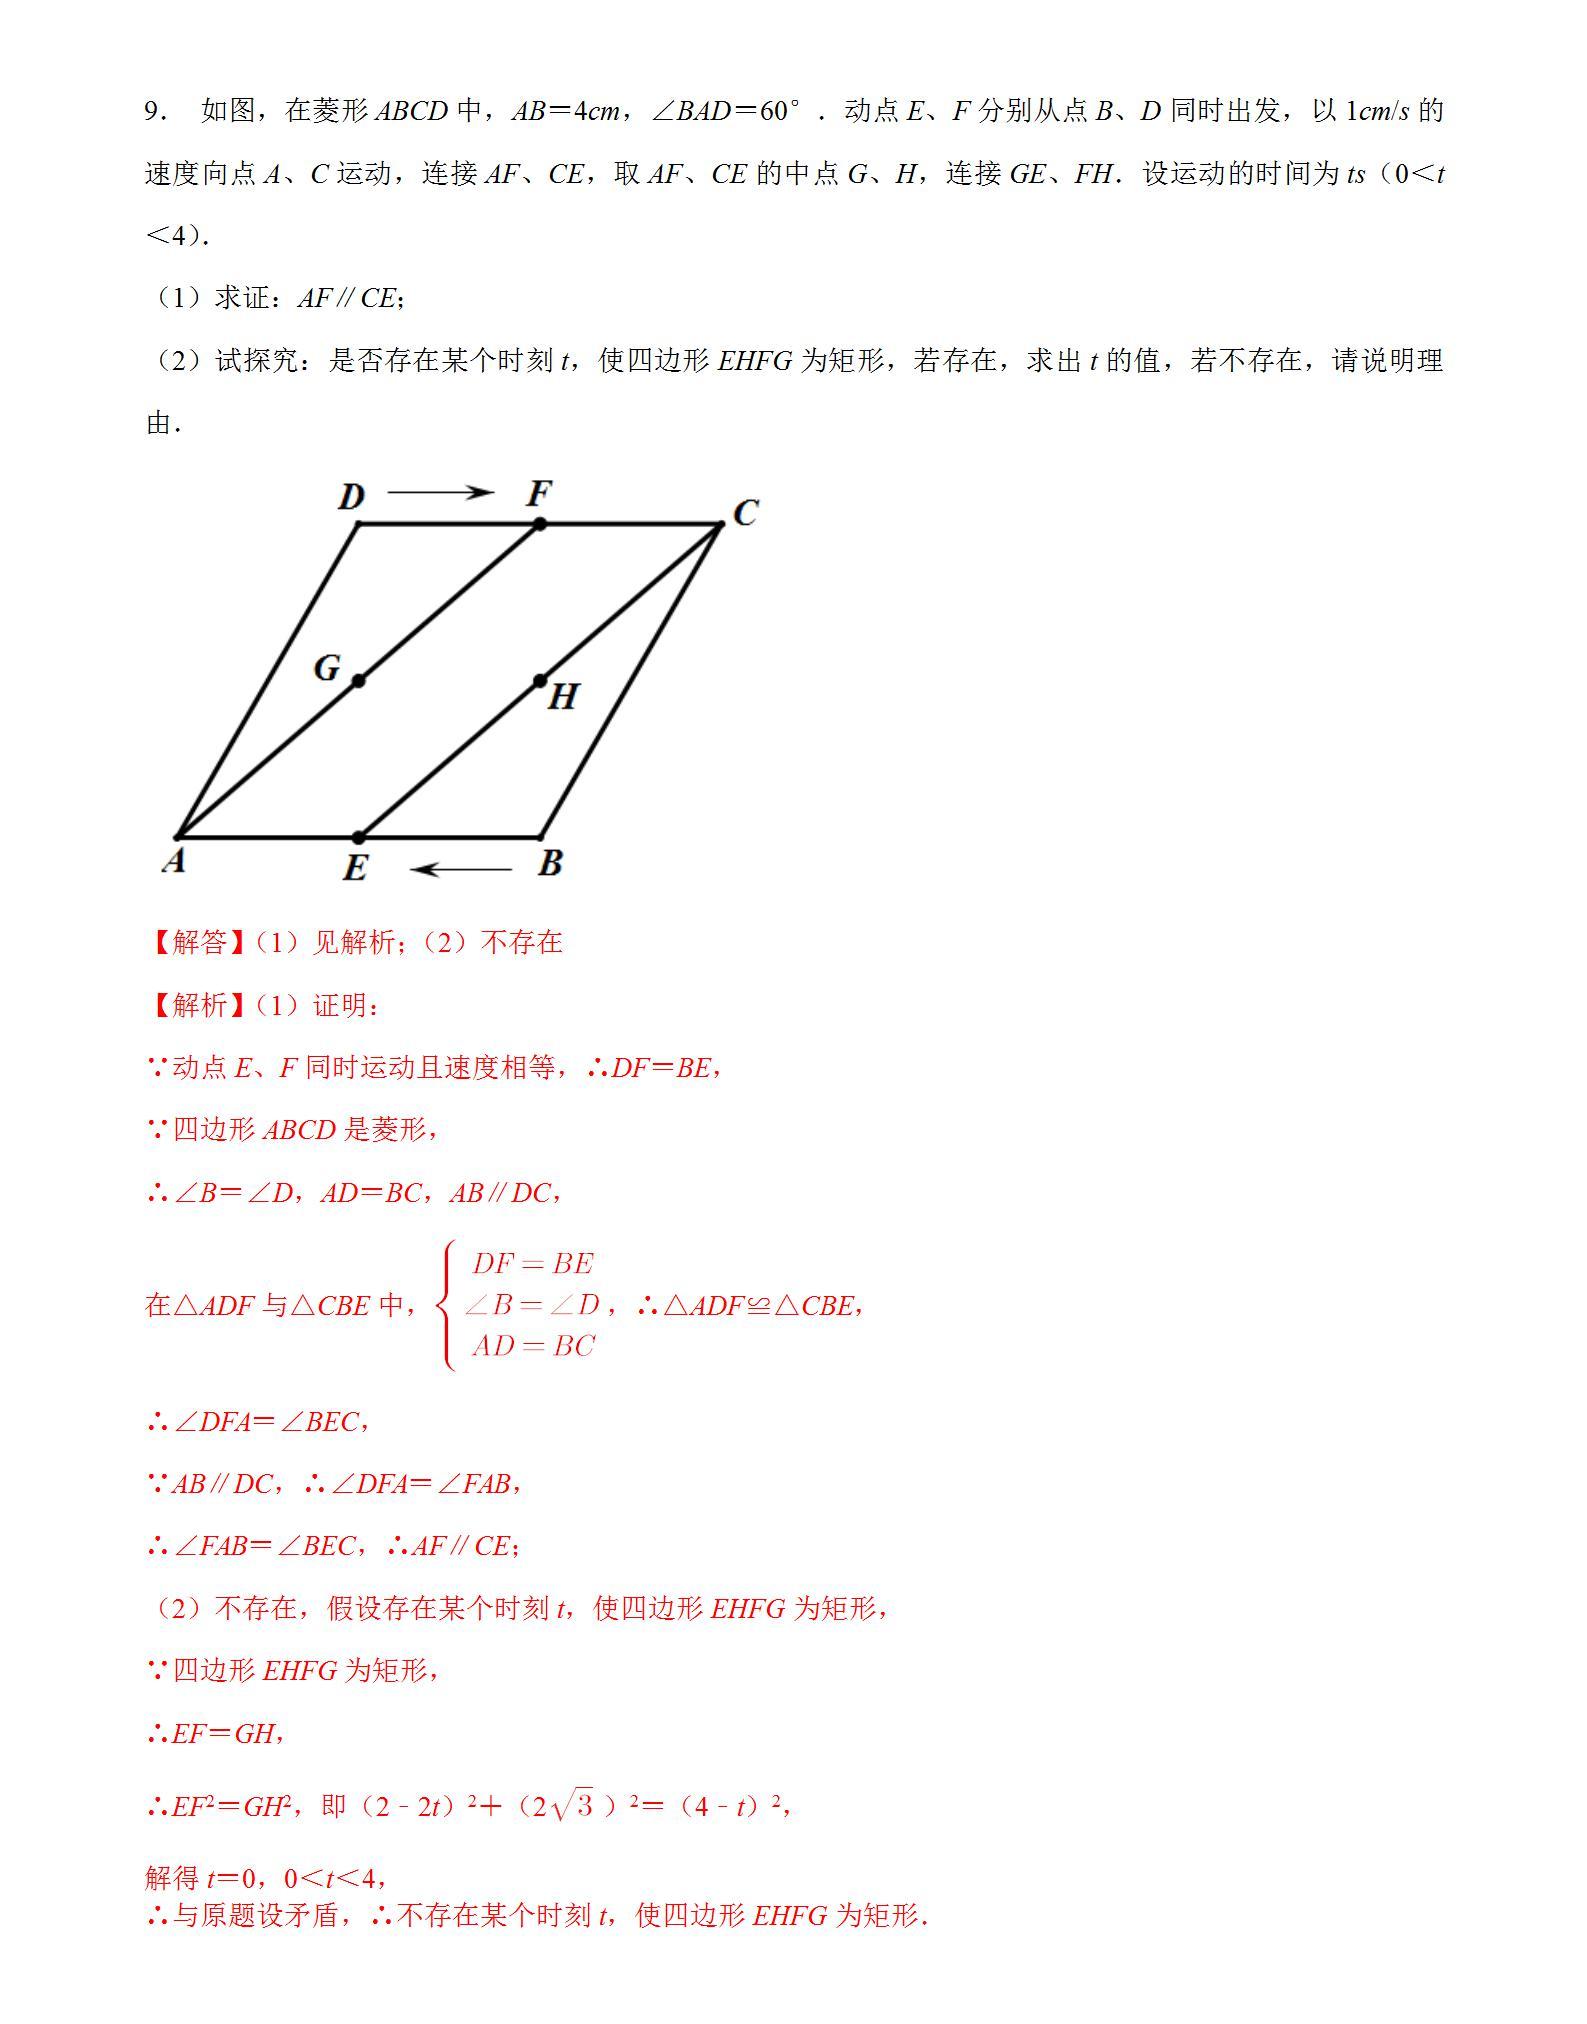 2020年初三数学矩形存在性问题巩固练习(基础)试题及答案(九)